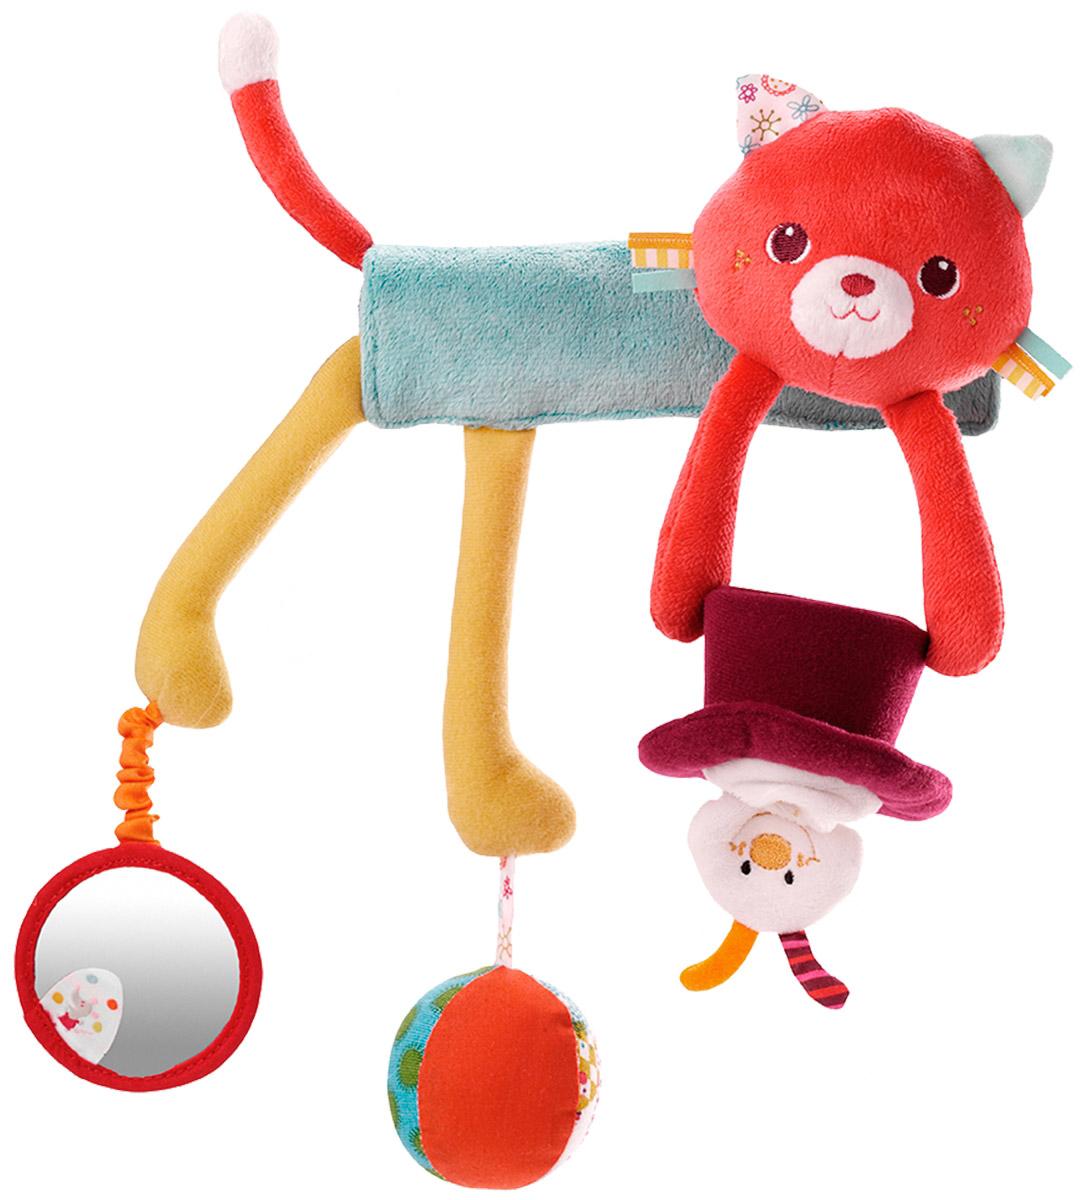 Lilliputiens Игрушка-подвеска Кошечка Коллет86574Очаровательная игрушка-подвеска Lilliputiens  Кошечка Коллет предназначена для детишек с самого рождения. Она легко крепится на спинку стульчика, кроватки, манежа или автокресла. У кошечки прямой мягкий хвостик и несколько интересных подвесок, которые успокоят малыша своими эффектами. Среди них шар-погремушка, небольшая шляпа с выскакивающим из нее кроликом и круглое зеркальце. Игрушка выполнена из безопасных гипоаллергенных материалов. Яркие цвета, разная текстура и звук надолго привлекут внимание ребенка. Подвеска легко и быстро снимается, не требует дополнительных элементов для крепления и станет незаменимой игрушкой в поездке. Игрушка- подвеска Lilliputiens Кошечка Коллет развивает мелкую моторику, осязательные навыки, слух и цветовое восприятие ребенка.